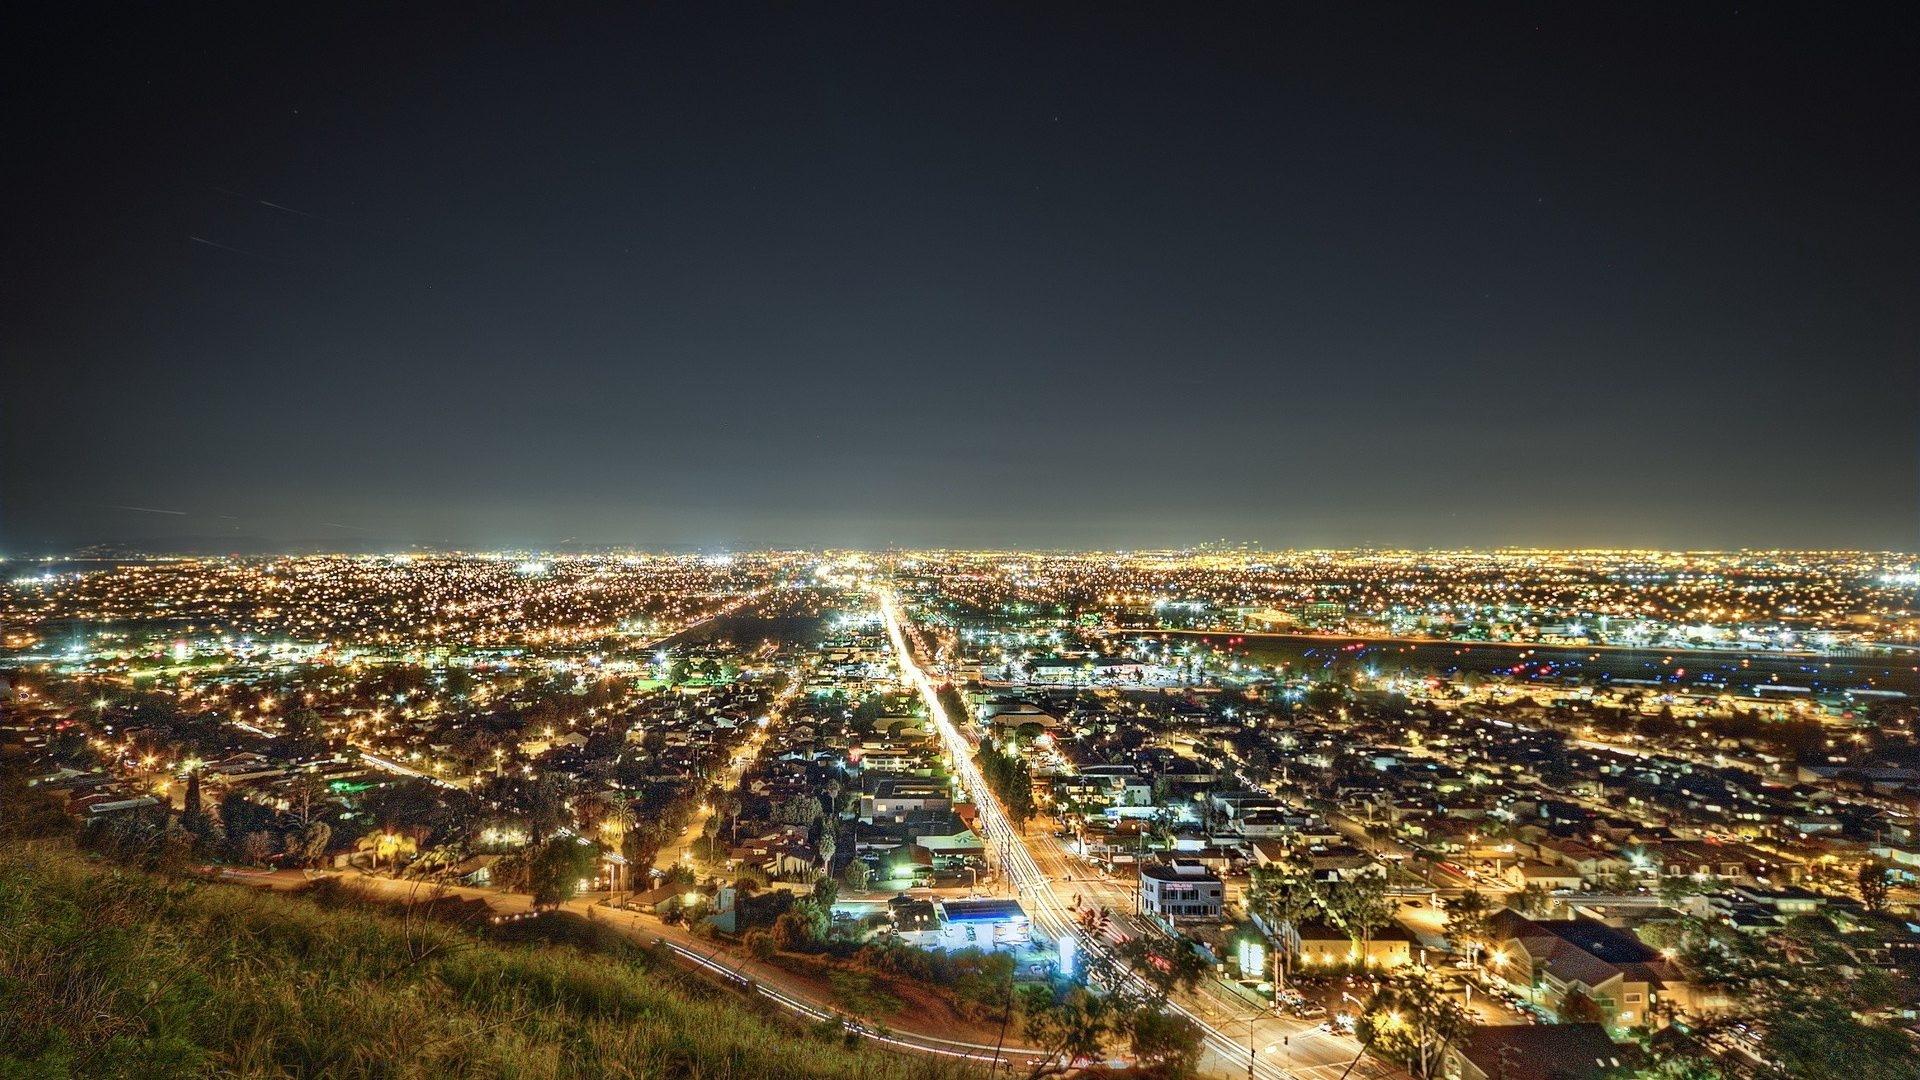 夜景を観るツアー